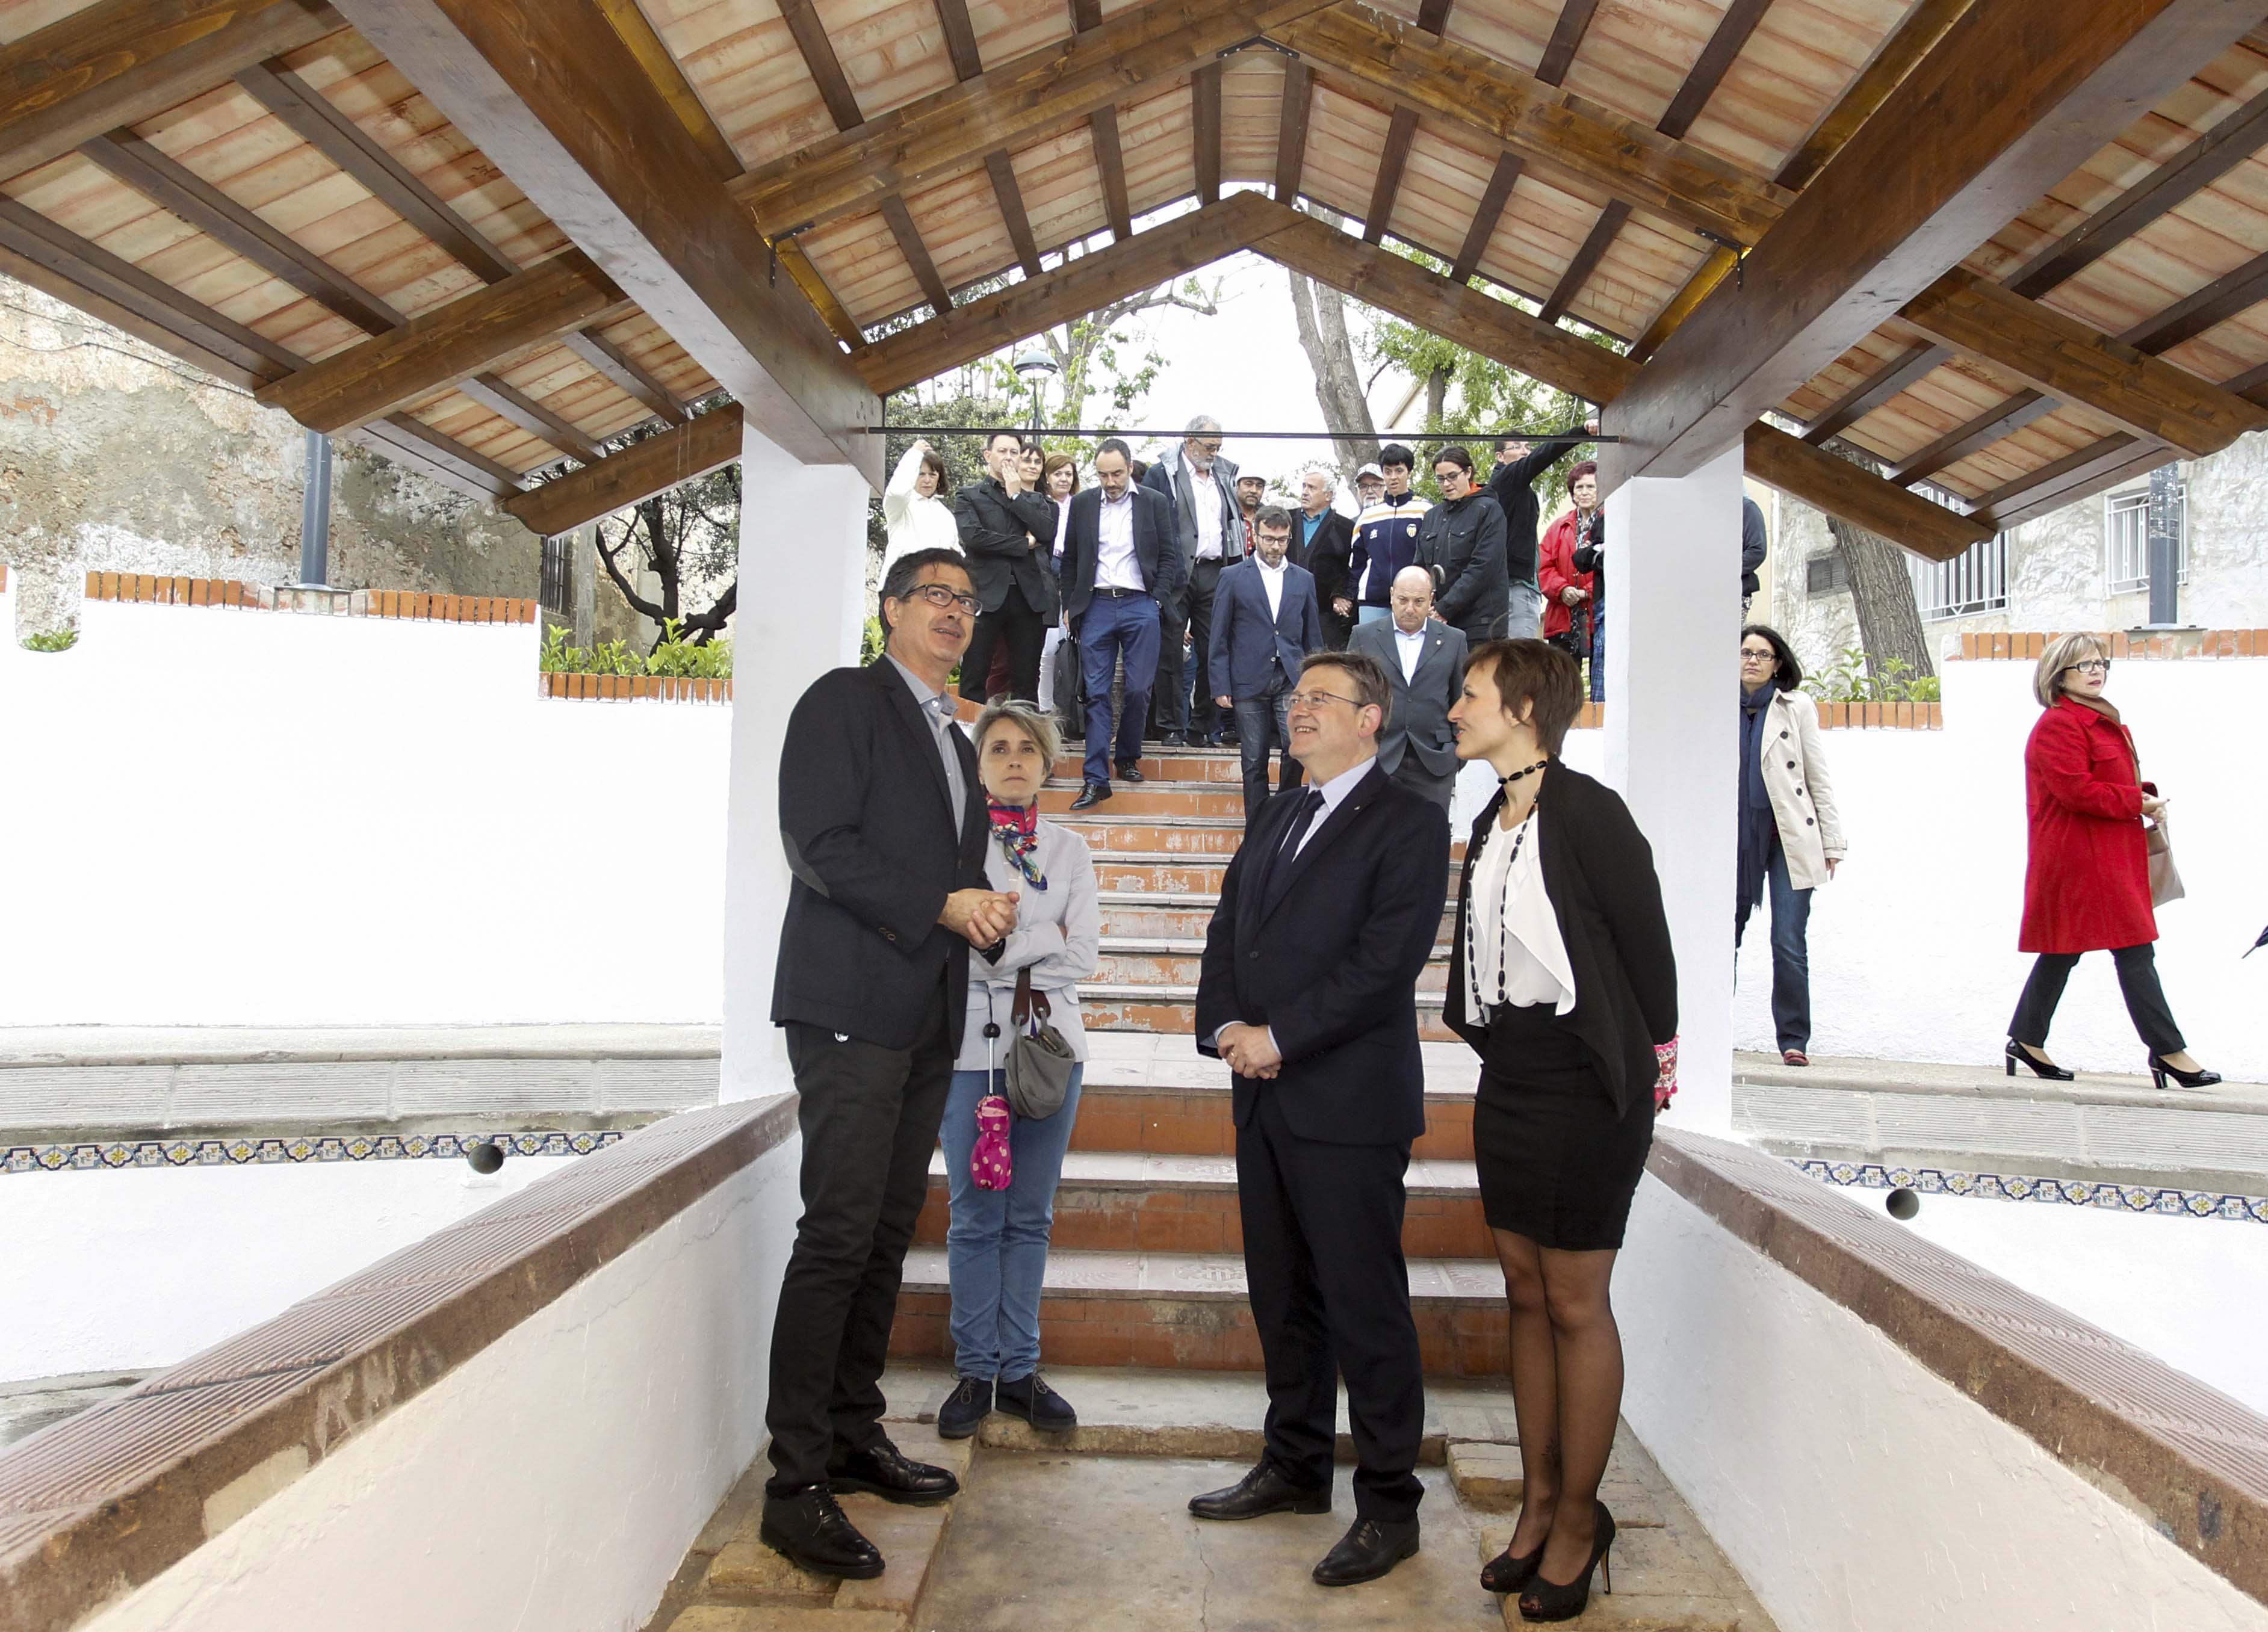 El President de la Generalitat estuvo acompañado de la alcaldesa de la localidad durante su visita a Benifaió.